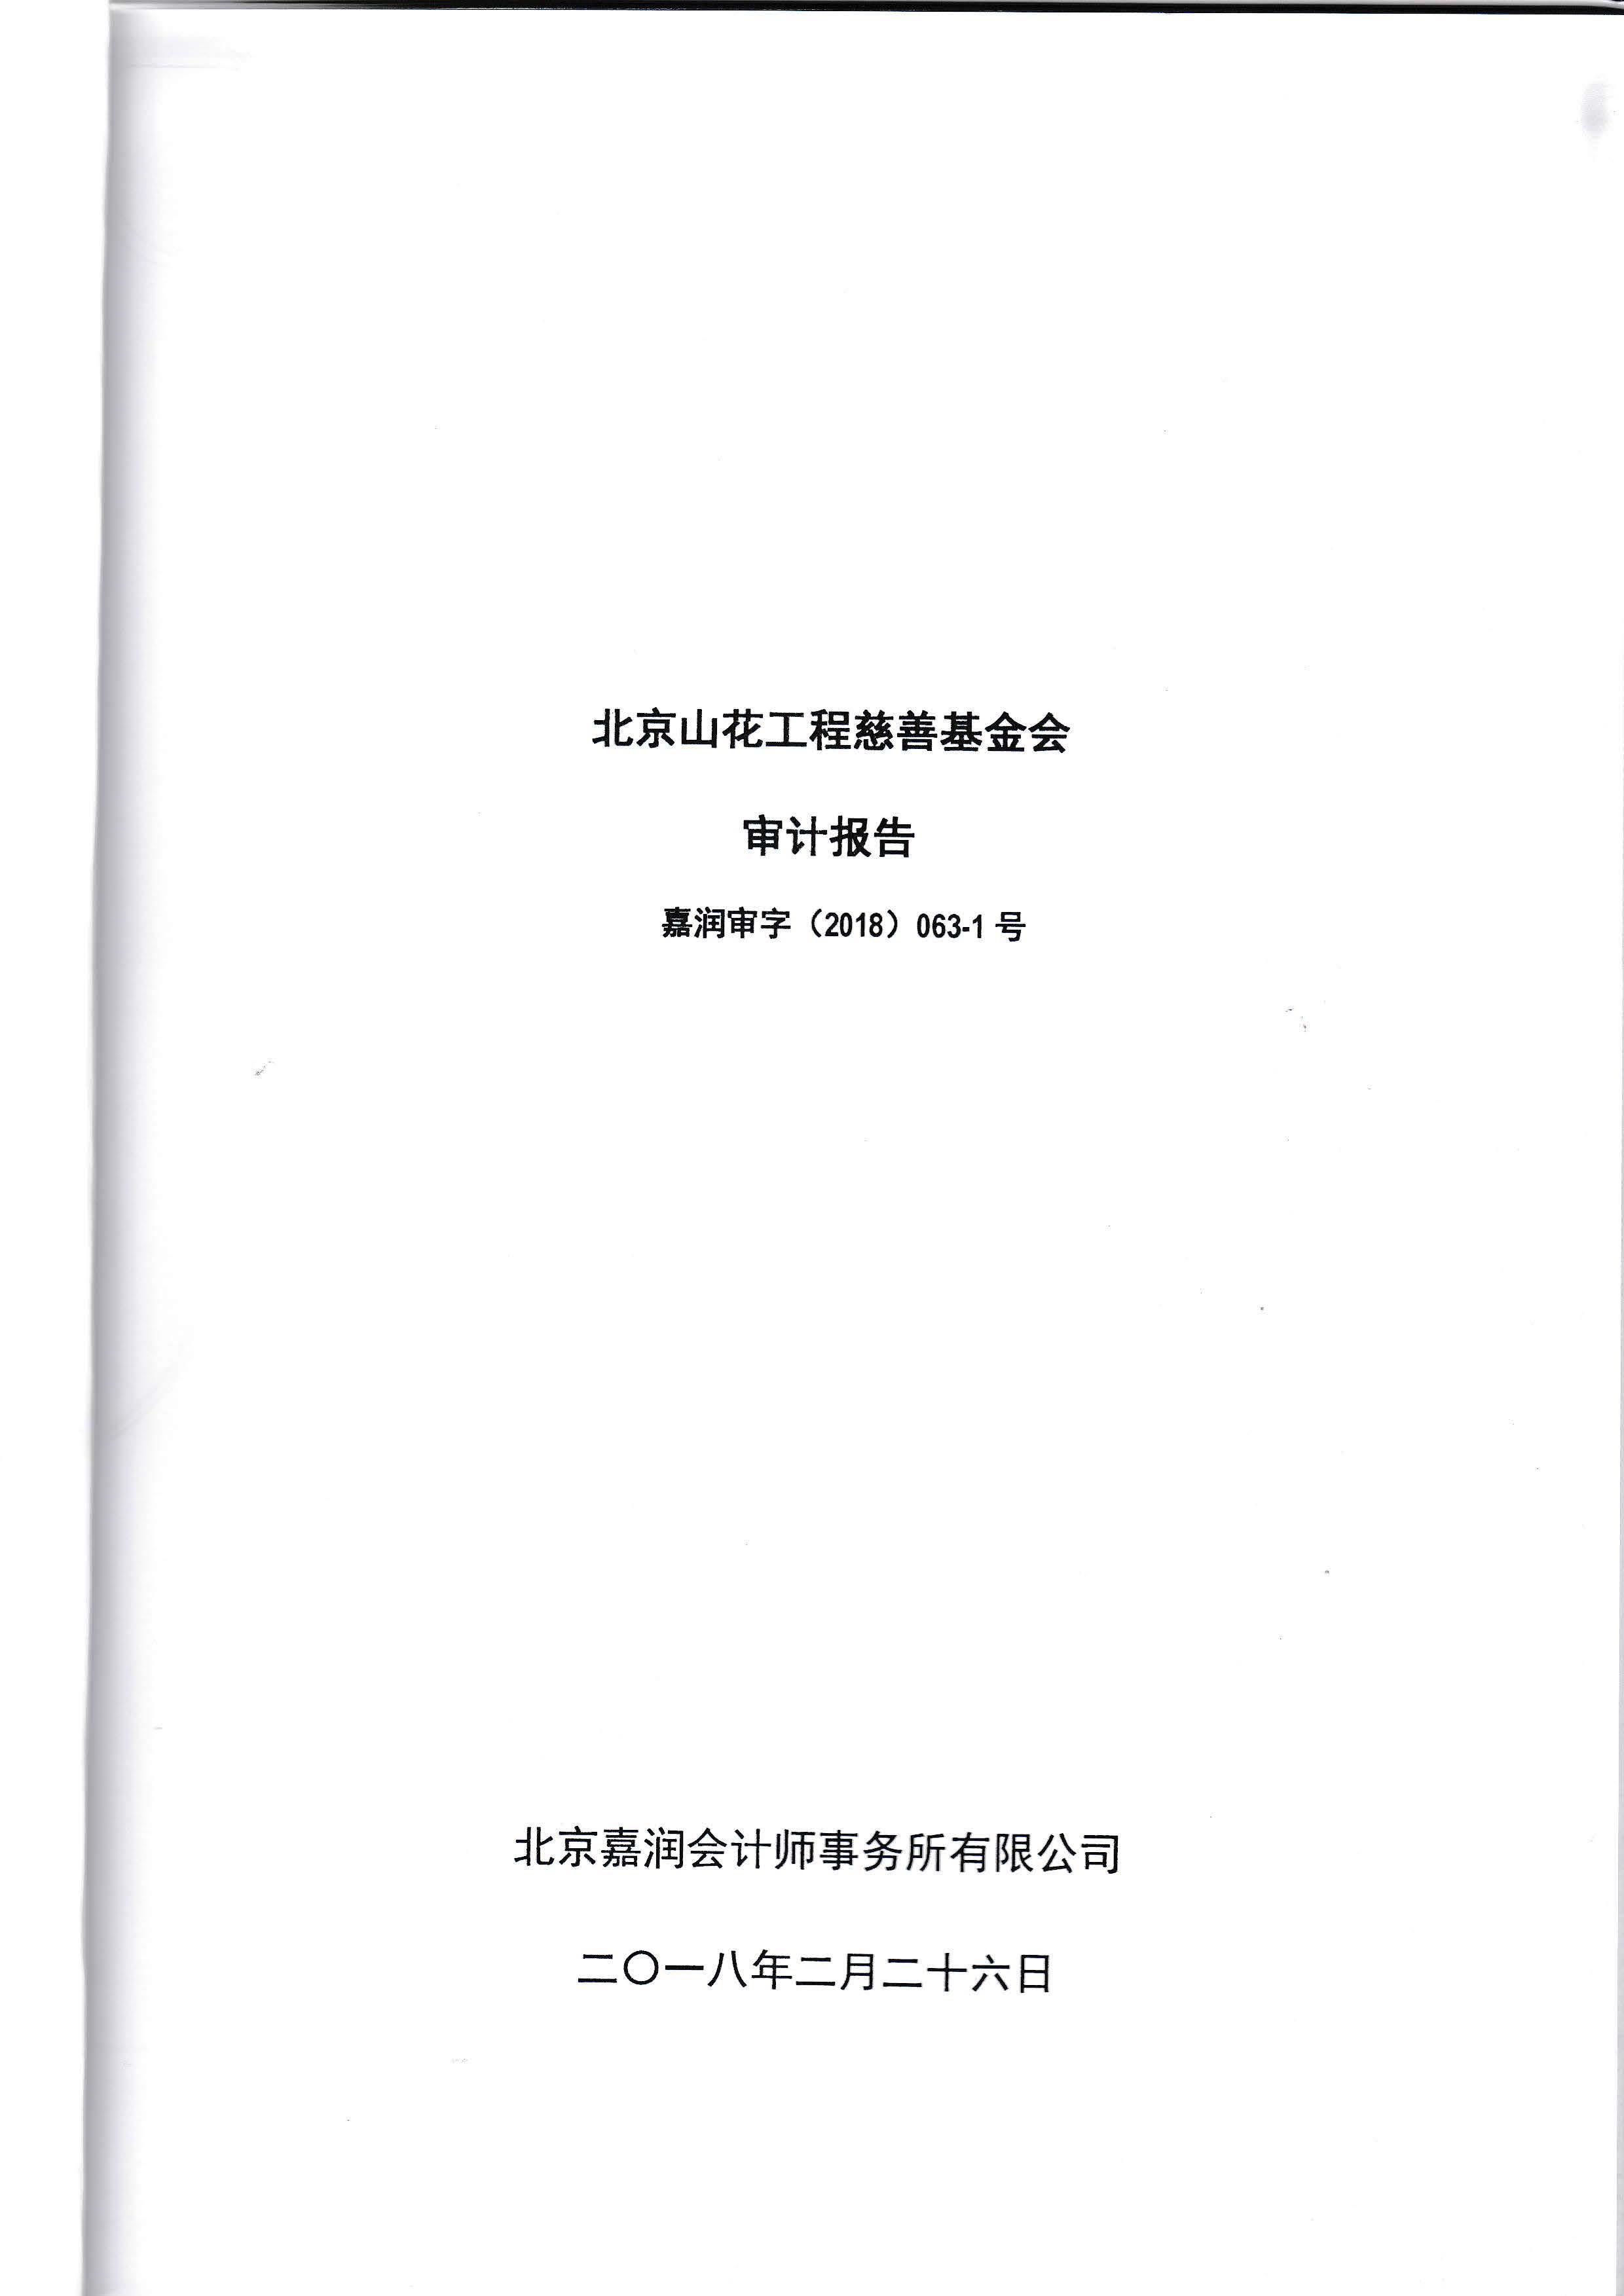 6具有资质的中介机构鉴证的上一年度财务报表和审计报告_页面_02